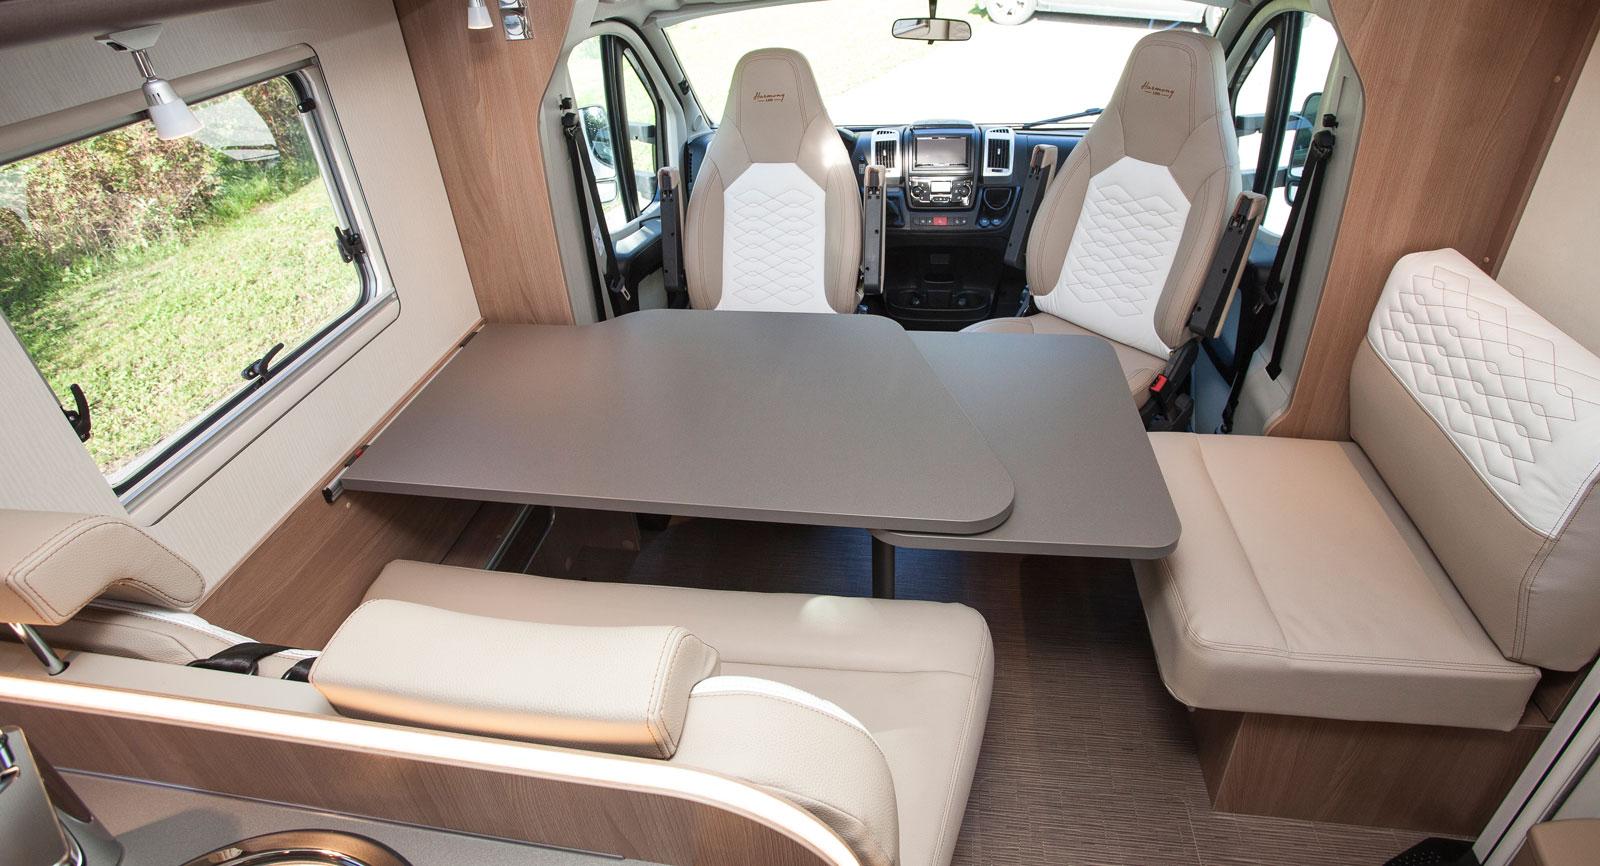 Trevligt ljusinsläpp och gott om bra sittplatser. Notera den utdragbara sitsen på enkelsätet till höger.